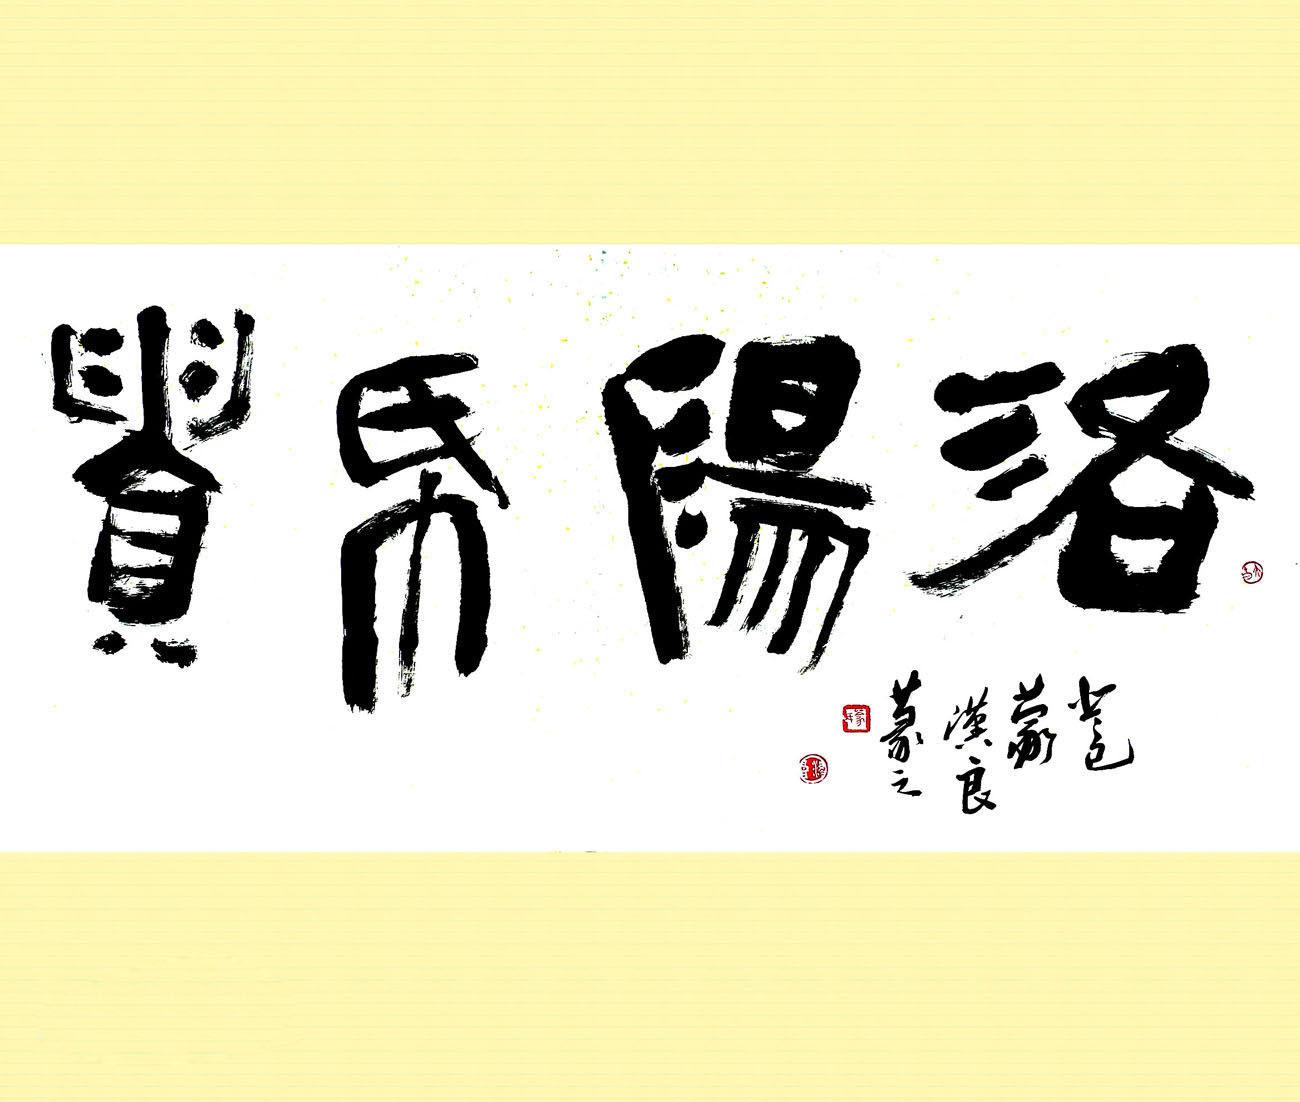 洛阳张鹤领书法